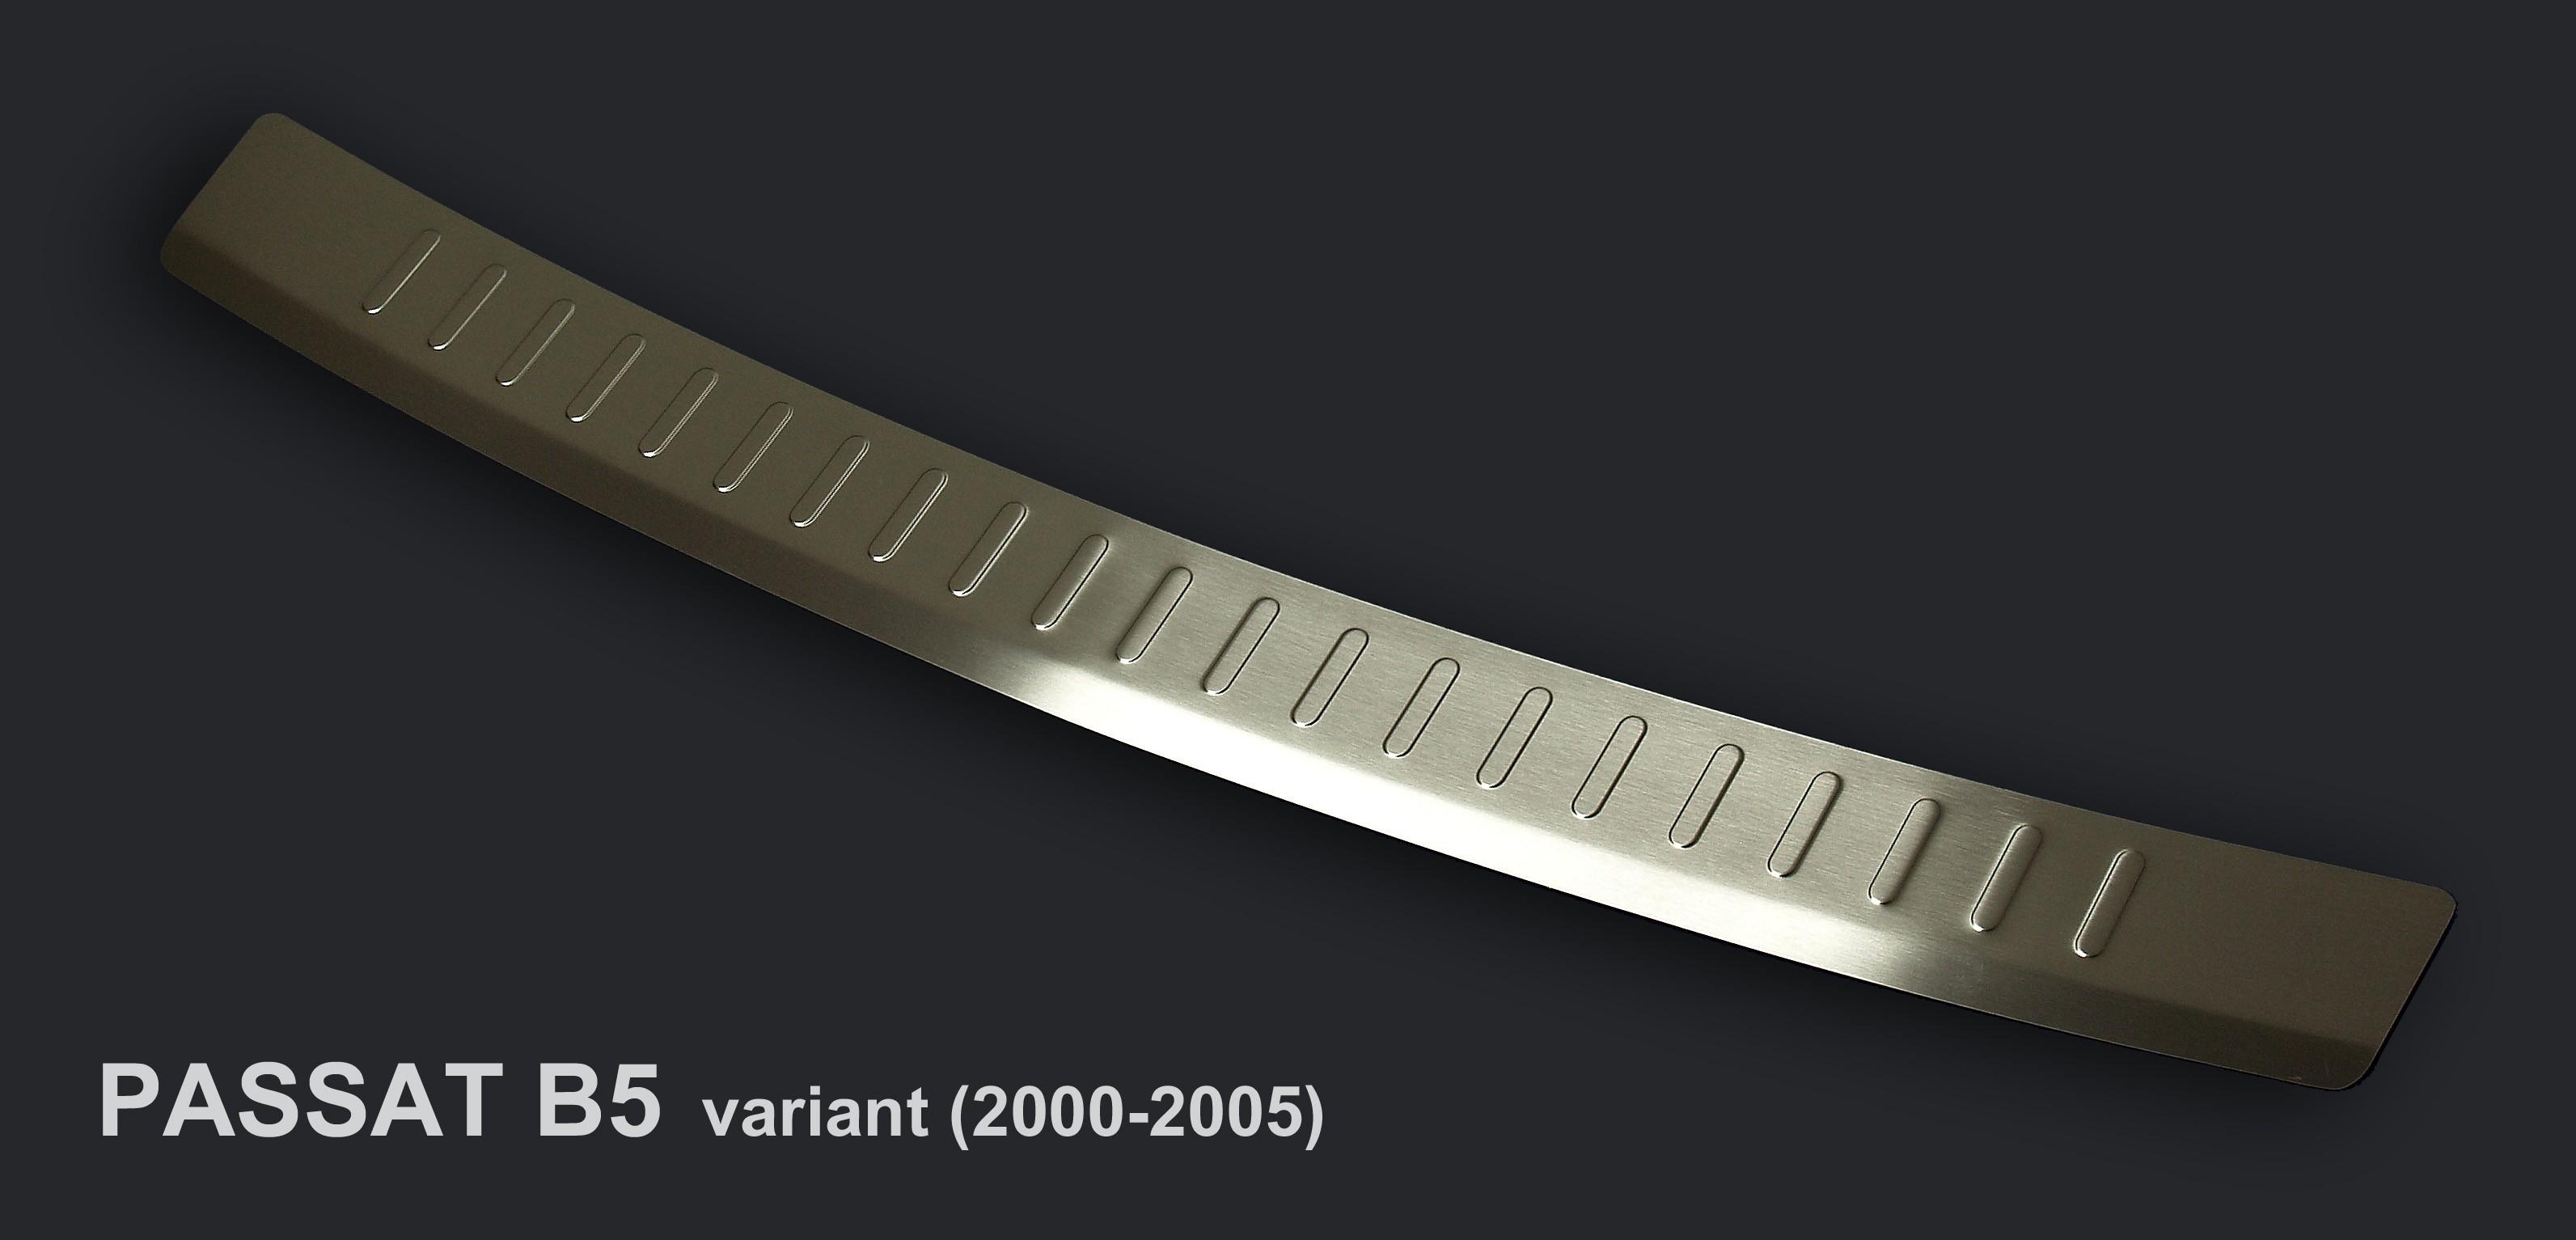 Volkswagen PASSAT B5 Variant profiledribs 2000-2005